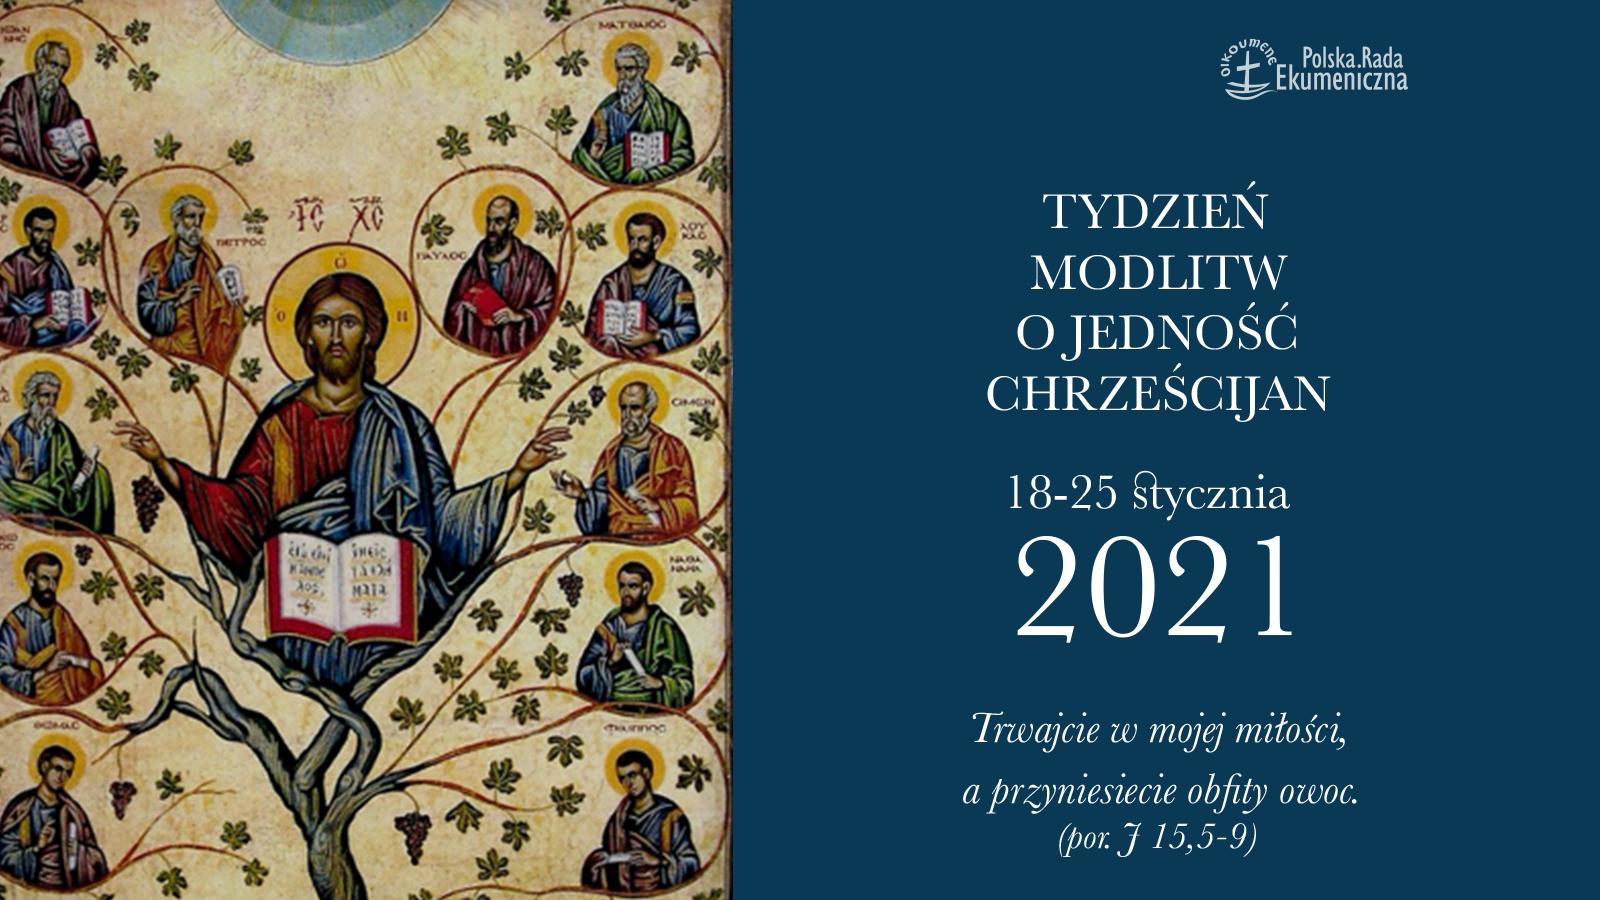 Tydzień Modlitw o Jedność Chrześcijan 2021 | Polska Rada Ekumeniczna